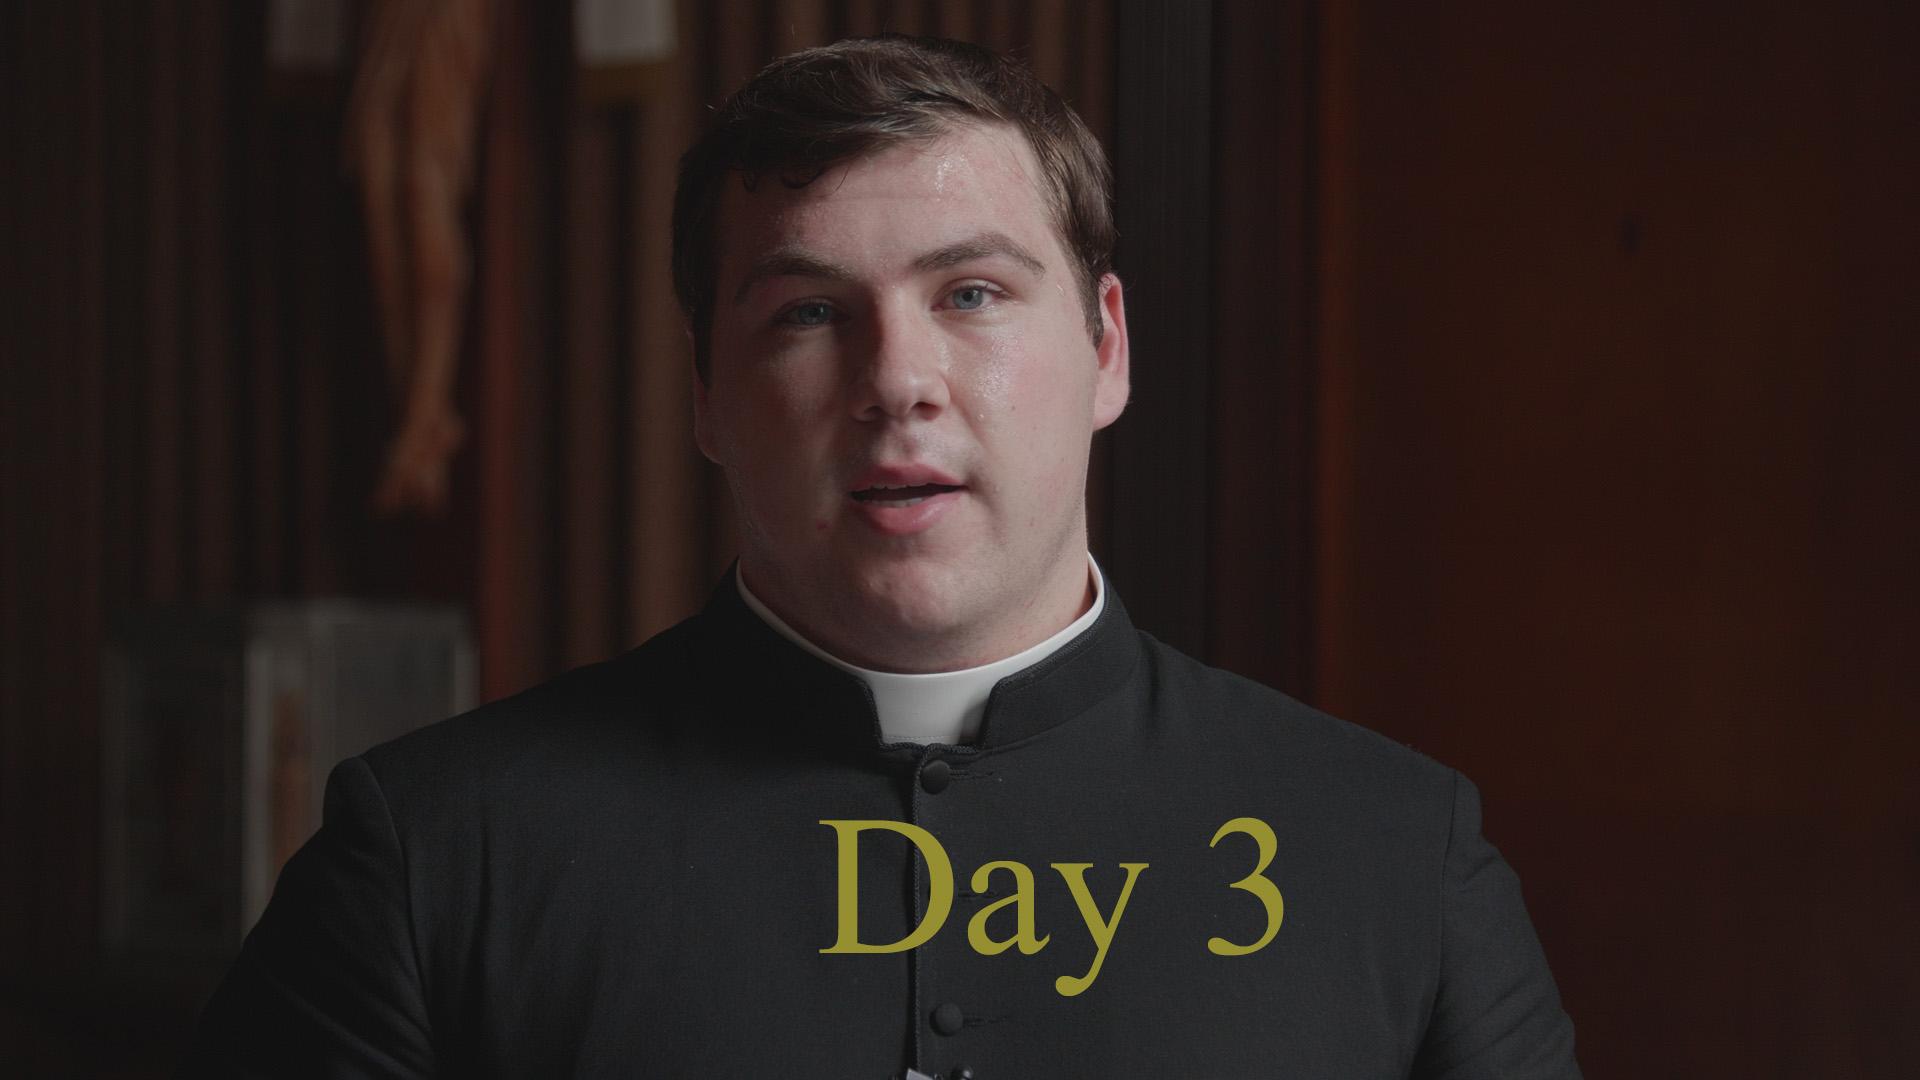 Novena for Vocations, Day 3